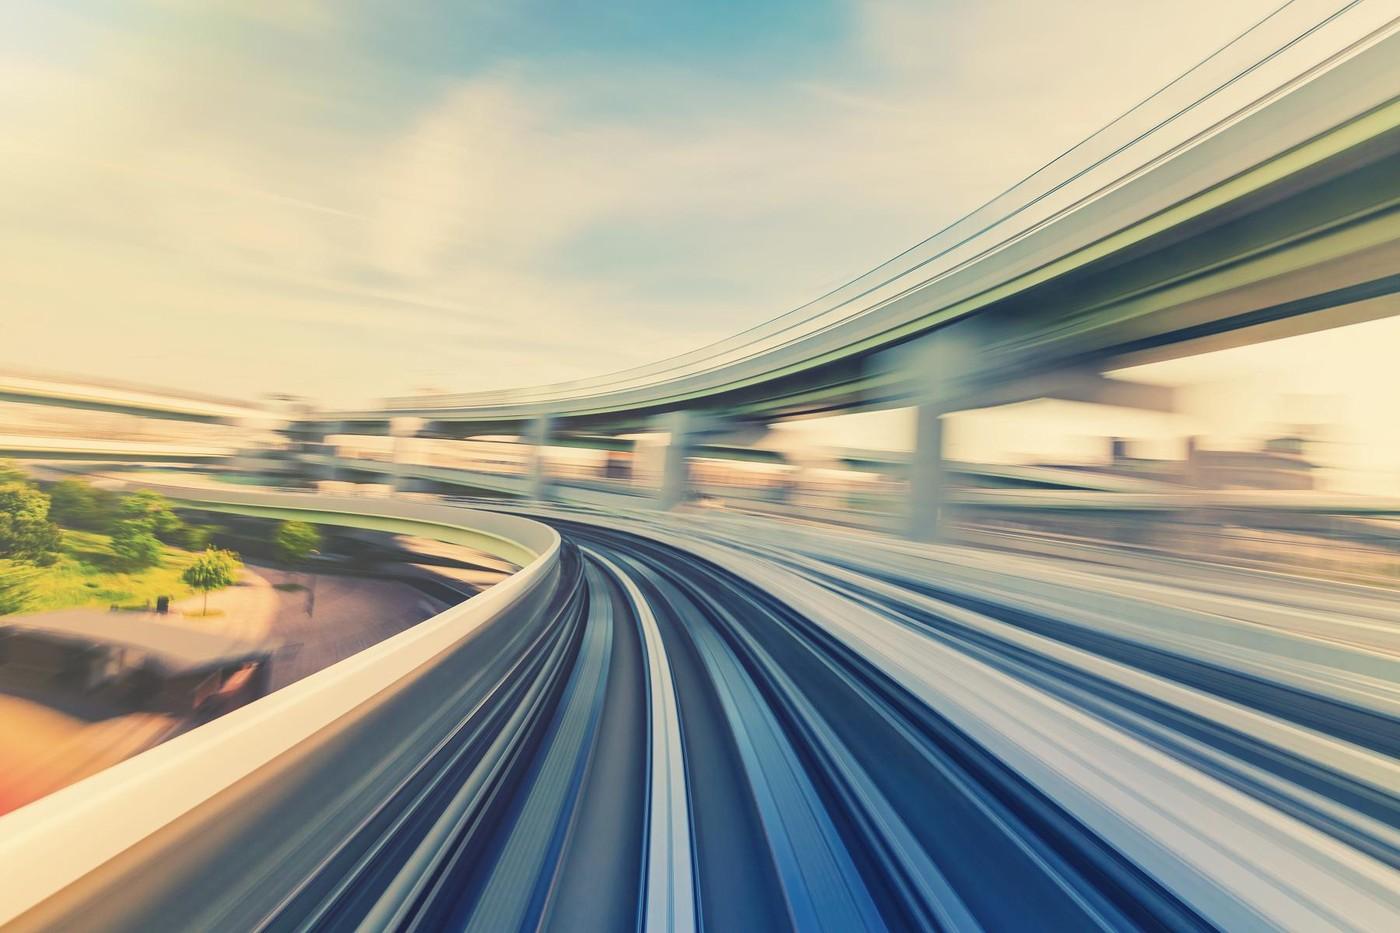 HTT 擬在印度建立超級高鐵測試地